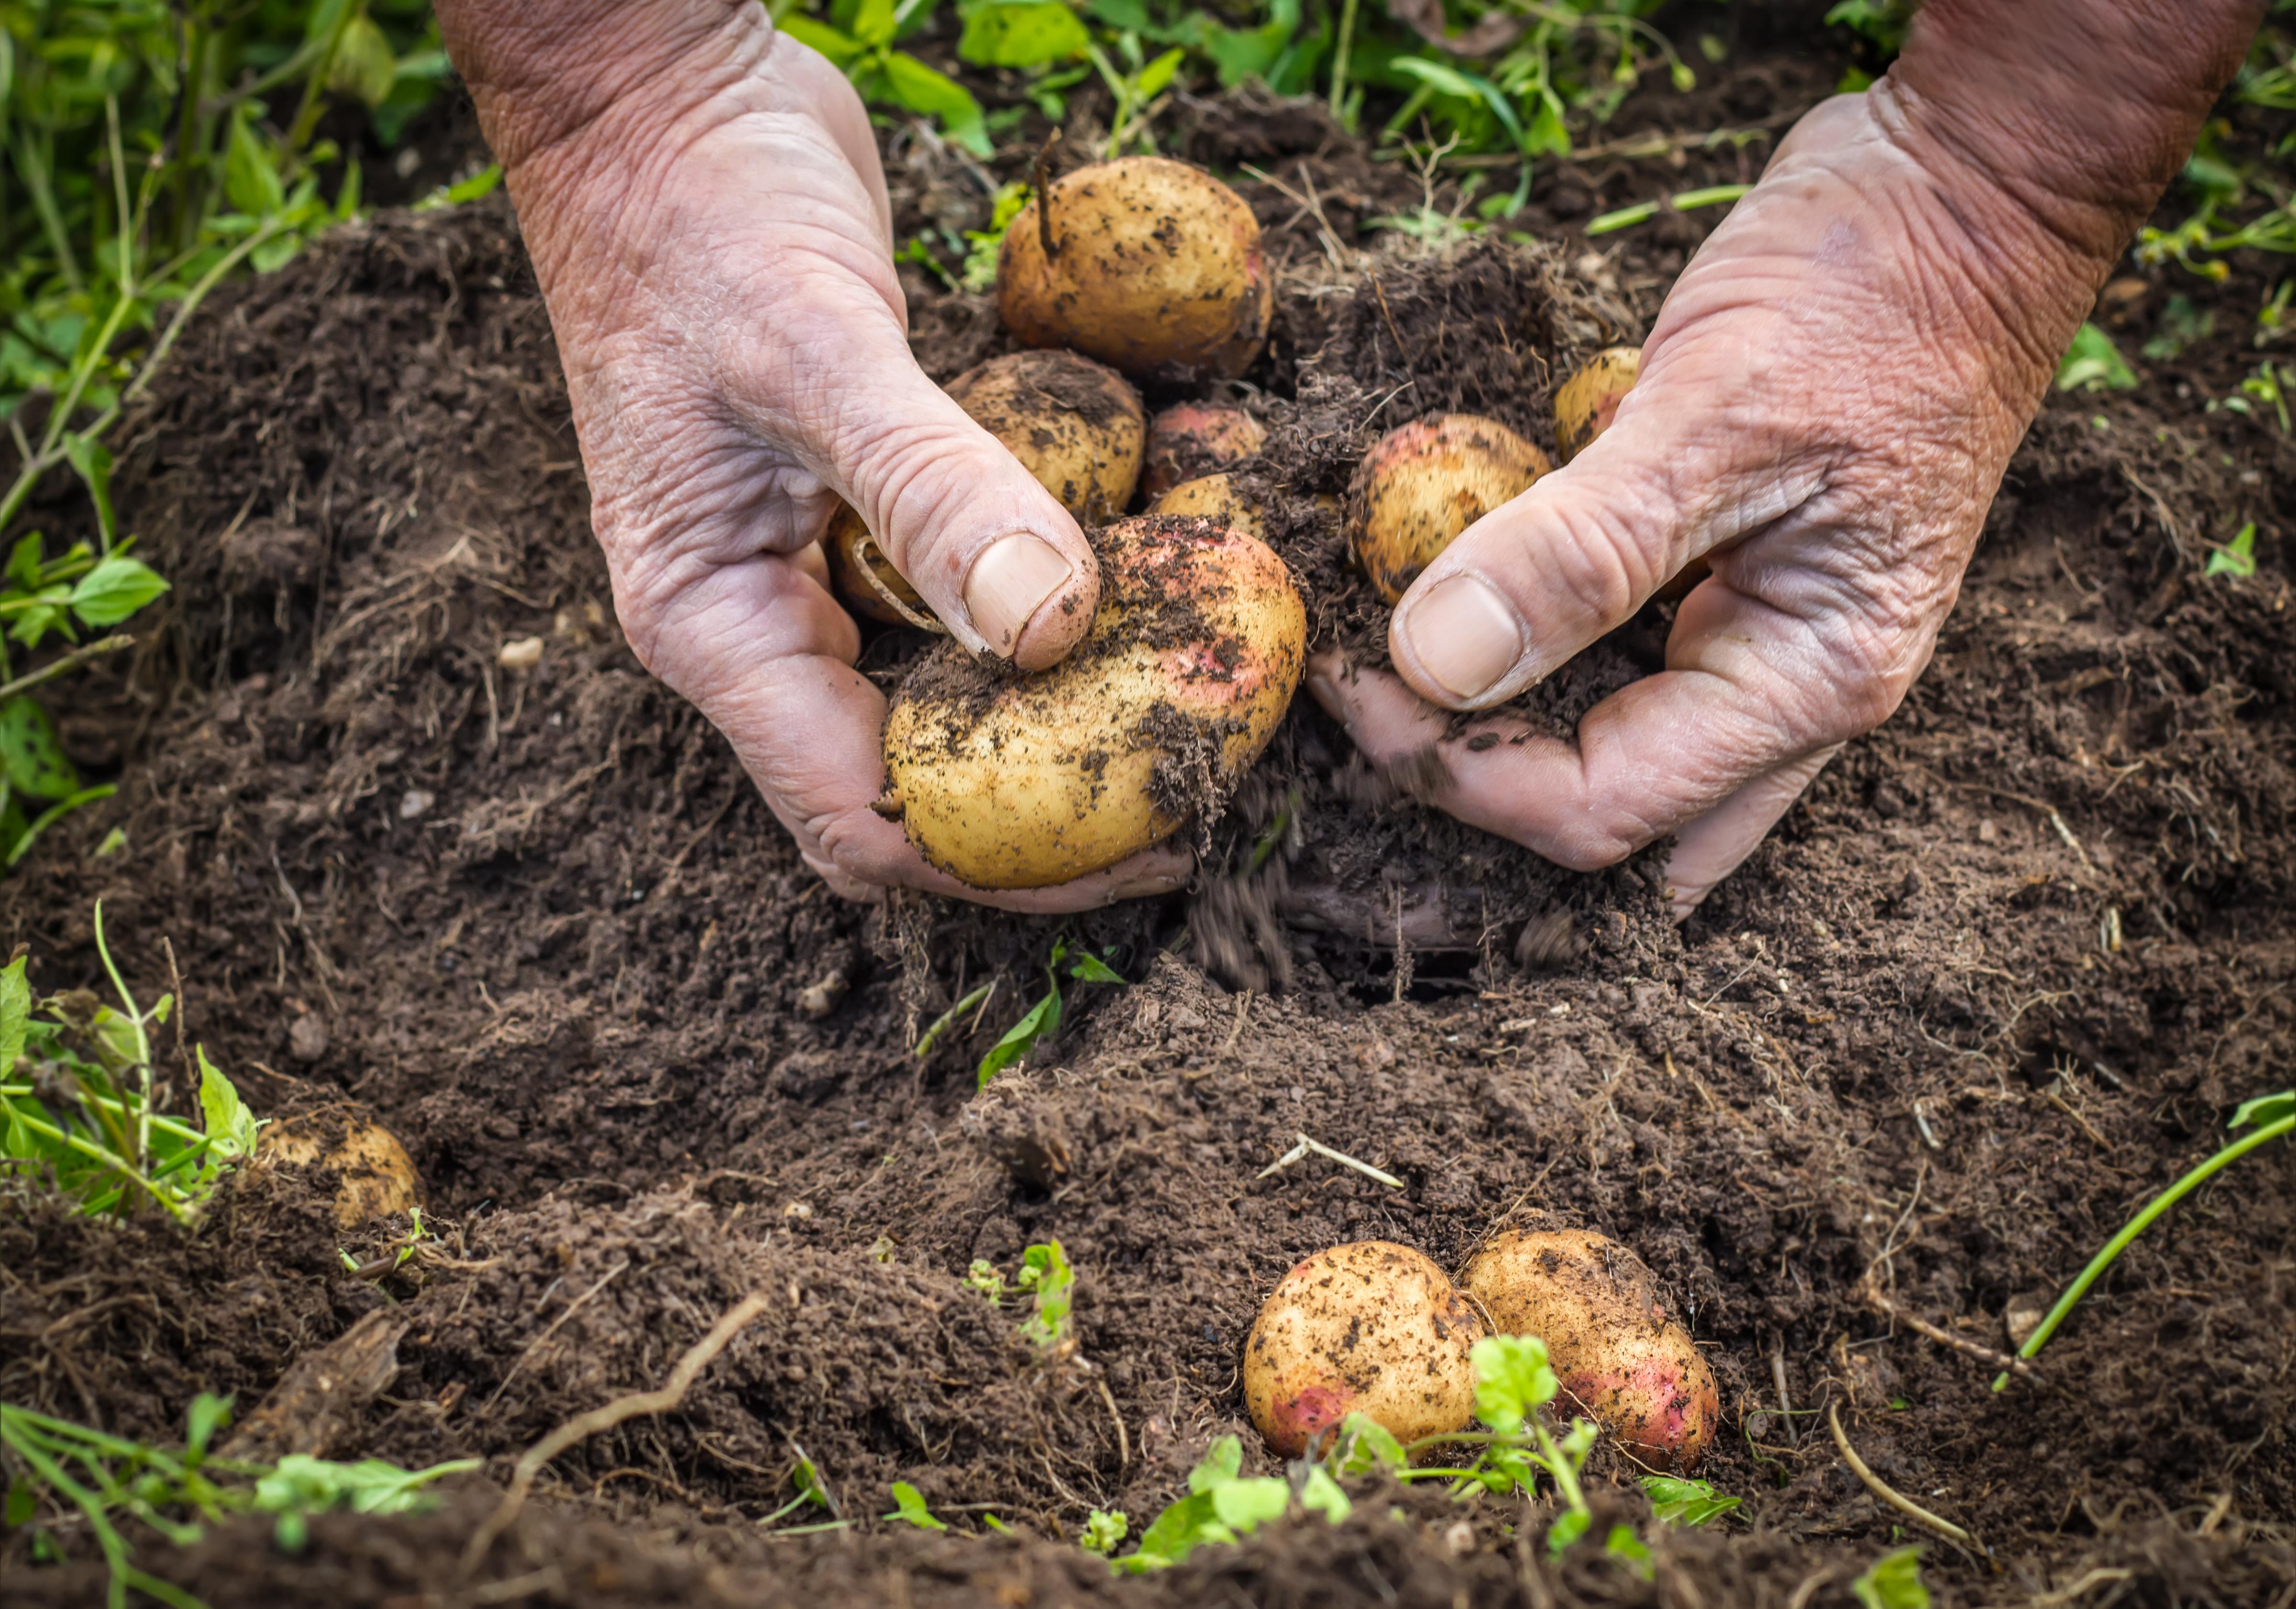 Bland annat potatis är rikt på kalium. Kokta grönsaker, rotfrukter och potatis innehåller mindre mängd kalium än råa.